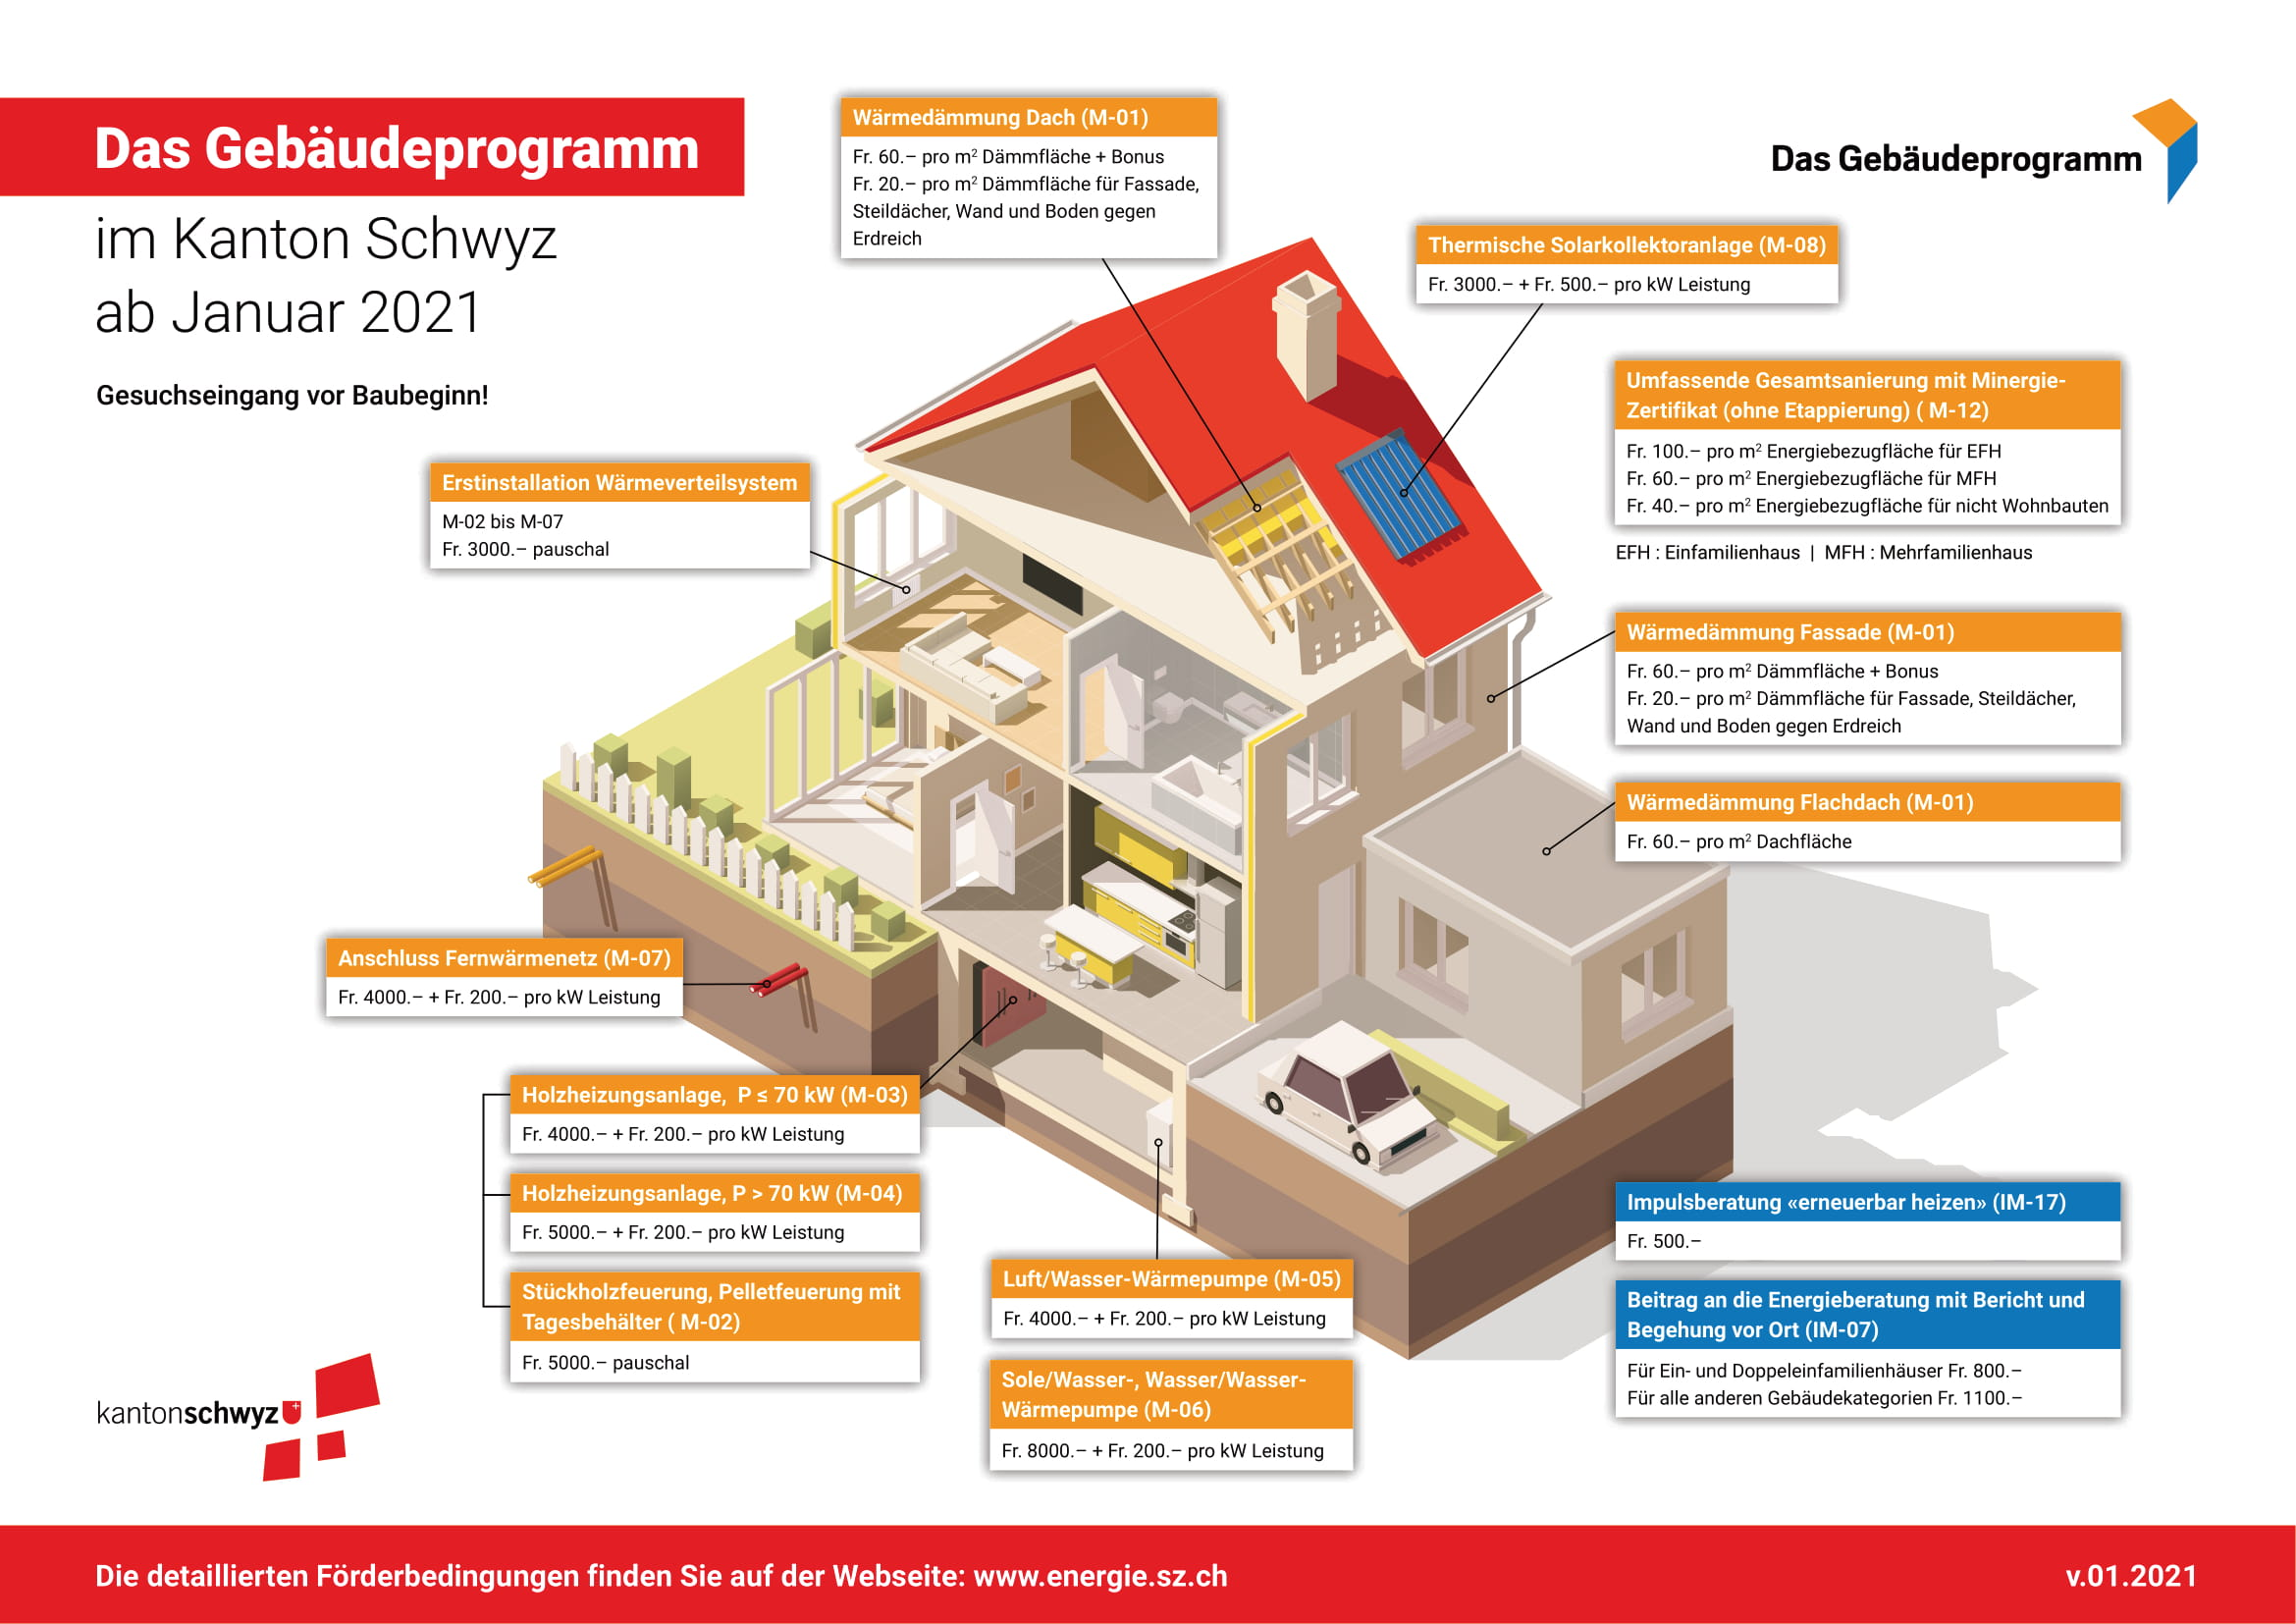 Sanierungsprogramm Kt. Schwyz